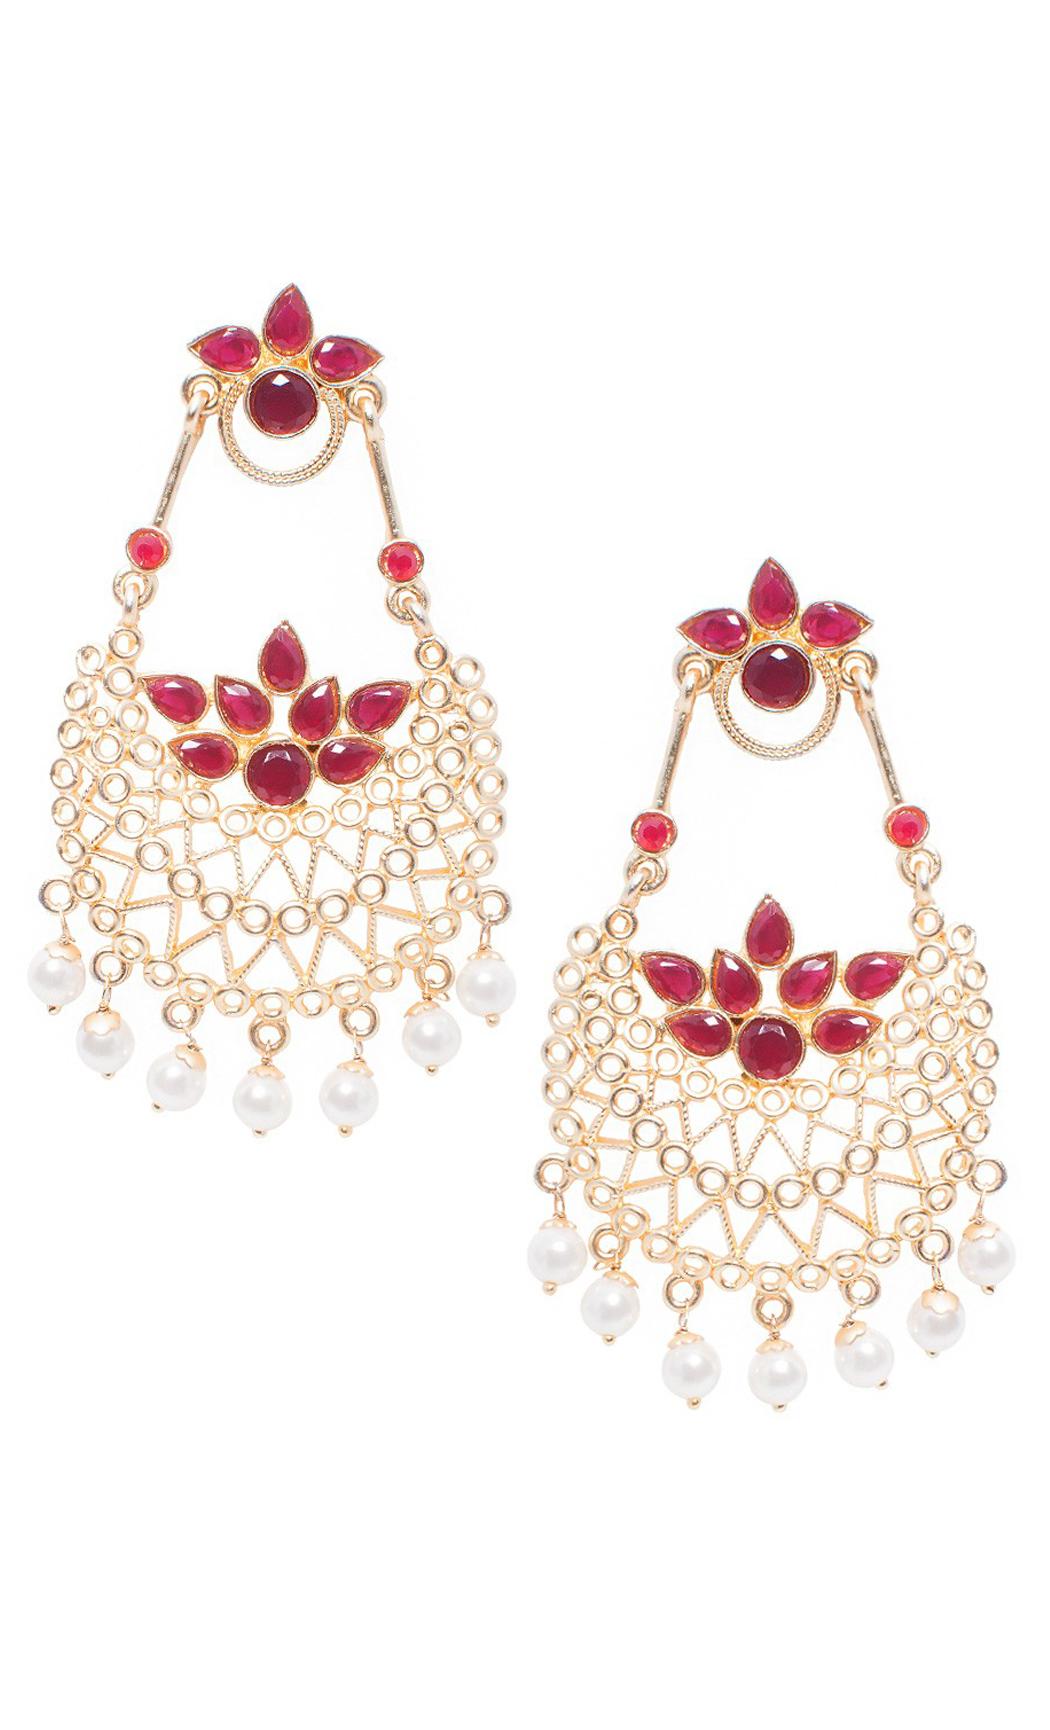 Imperial Pearl Chandelier Earrings - Shop Online